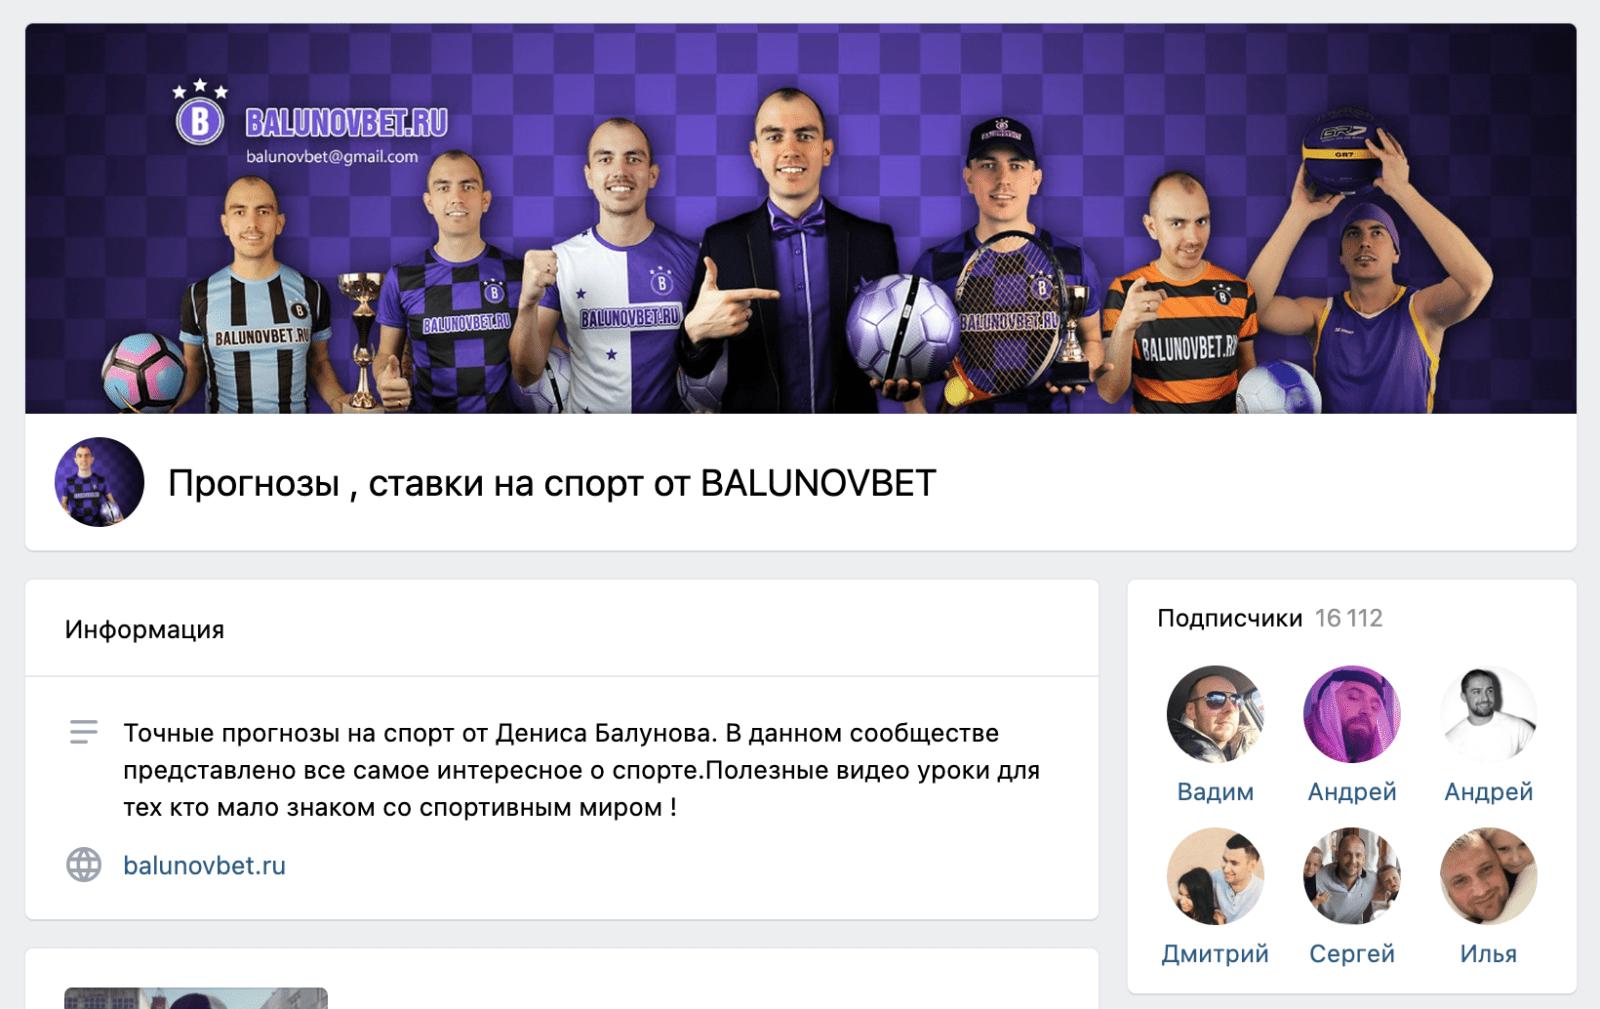 Группа ВК Дениса Балунова основателя Balunovbet ru